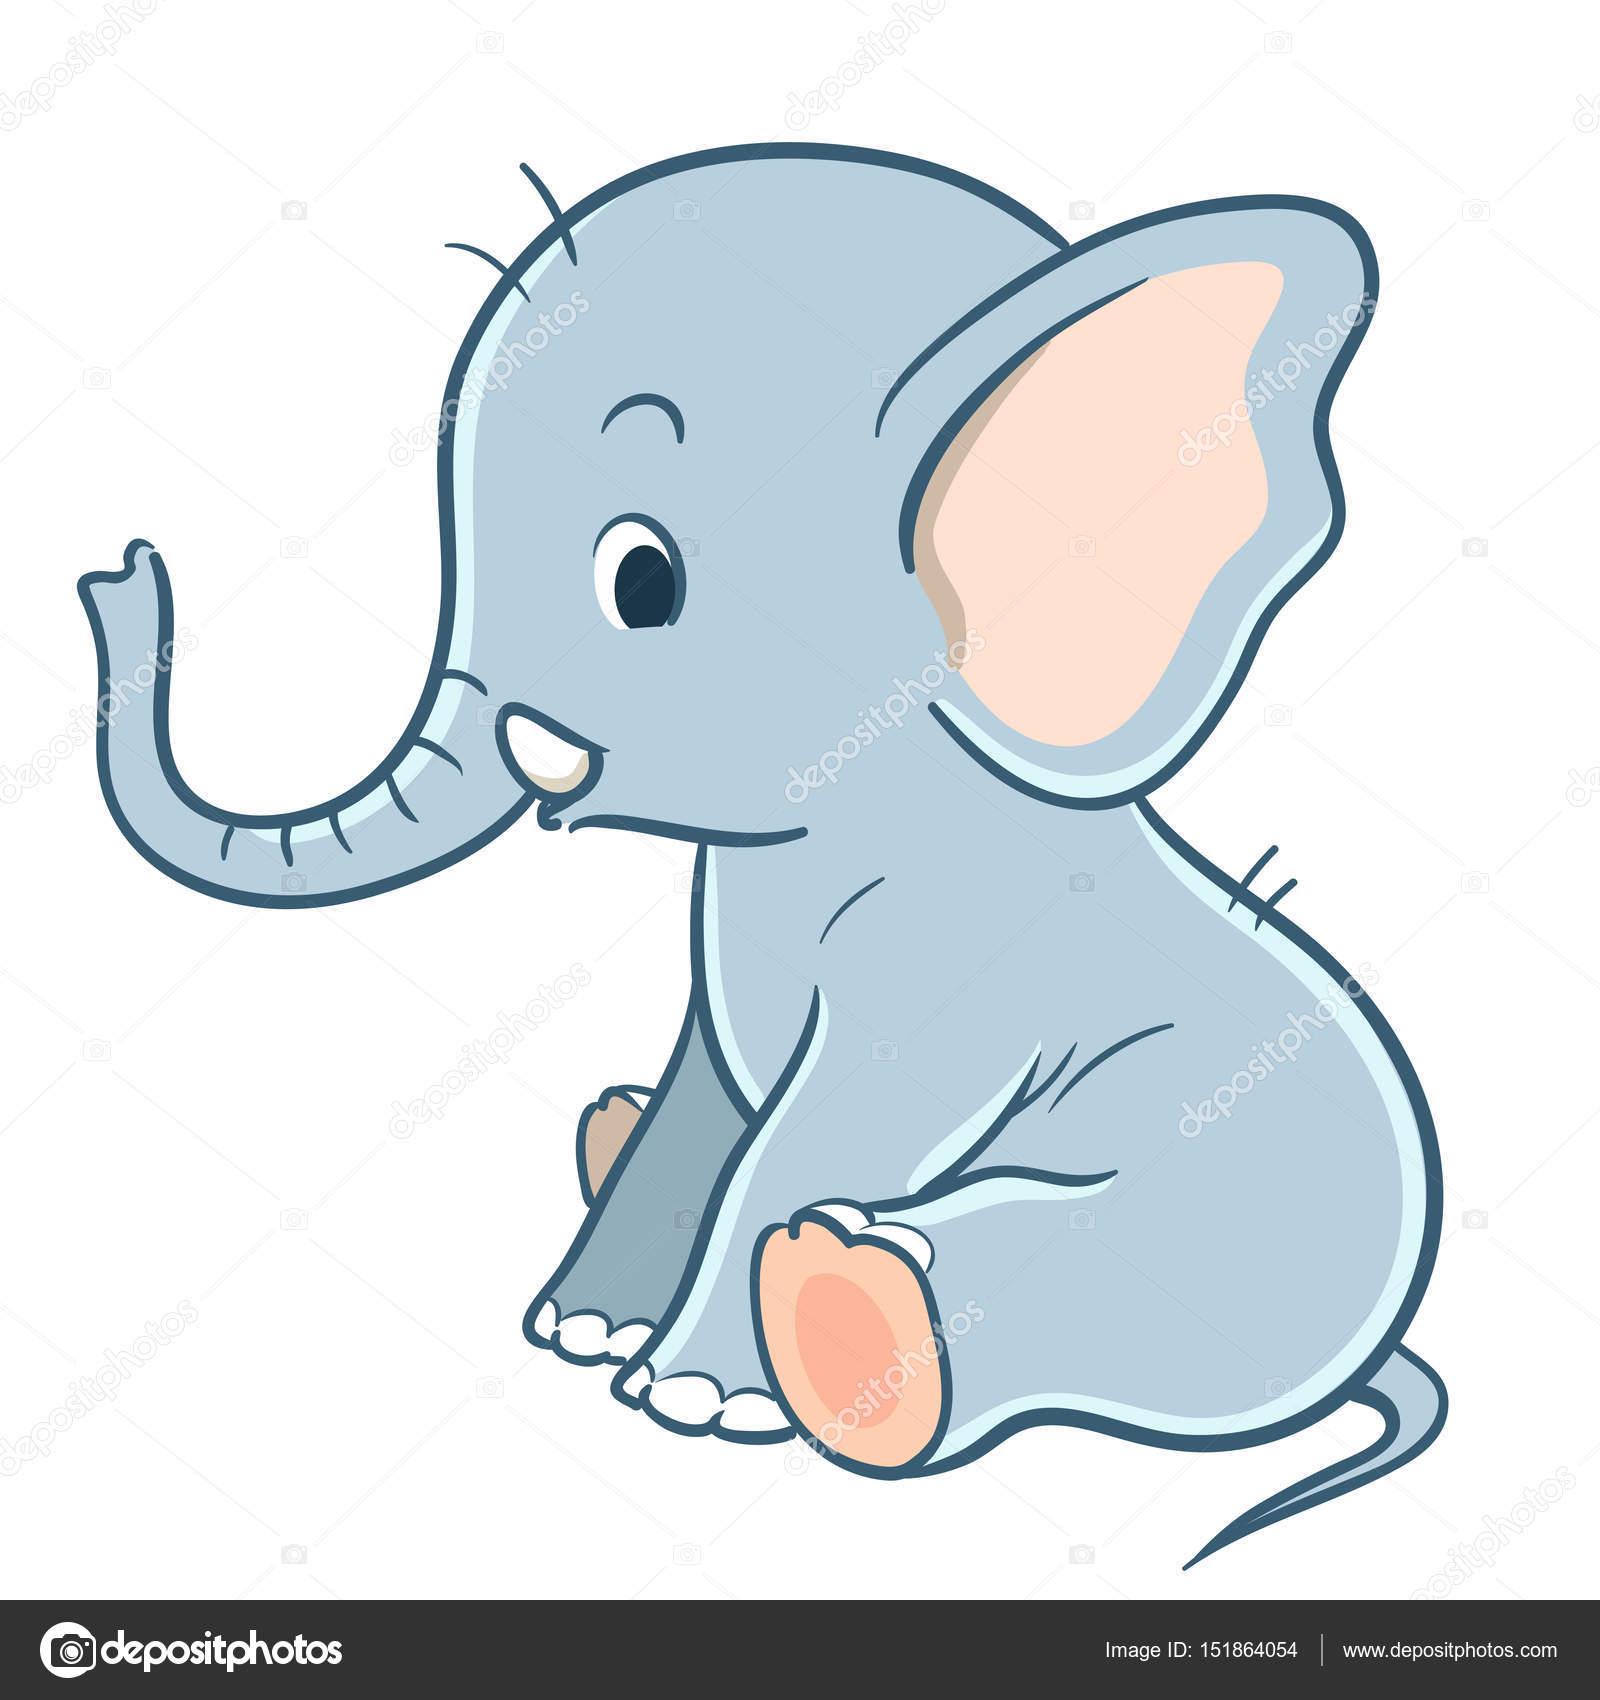 Dibujos Elefantes Infantiles Elefante De Dibujos Animados Lindo